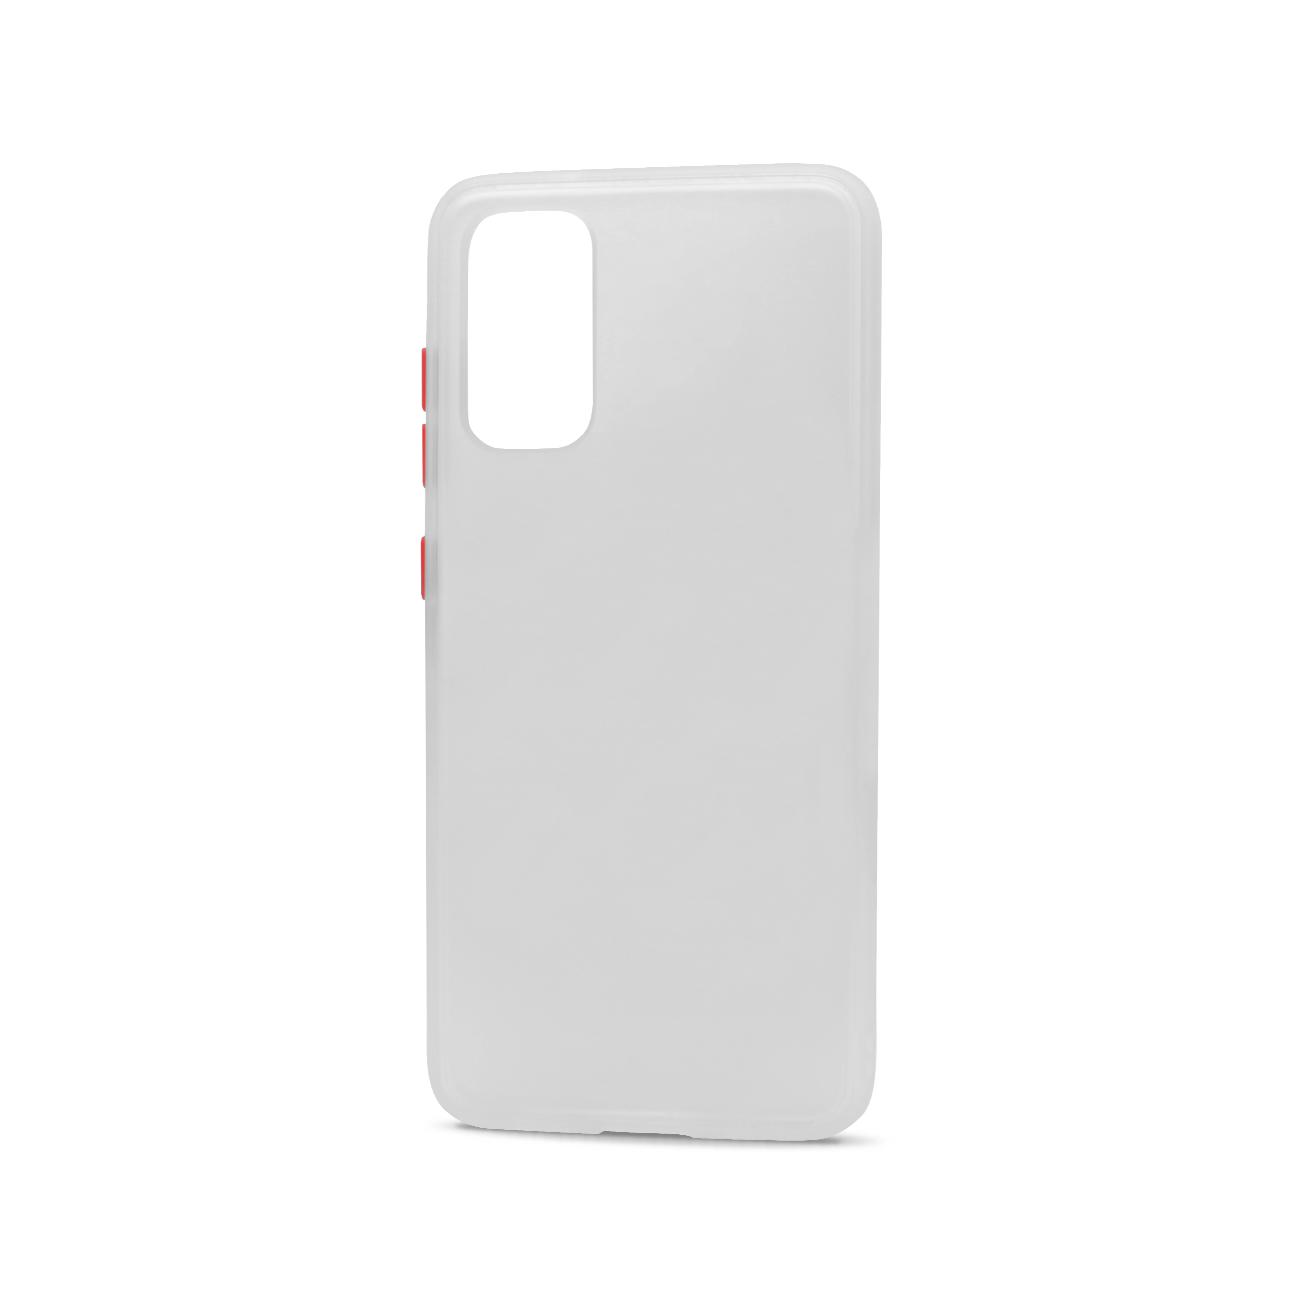 Wholesale Samsung Galaxy S20 6 2in Slim Matte Hybrid